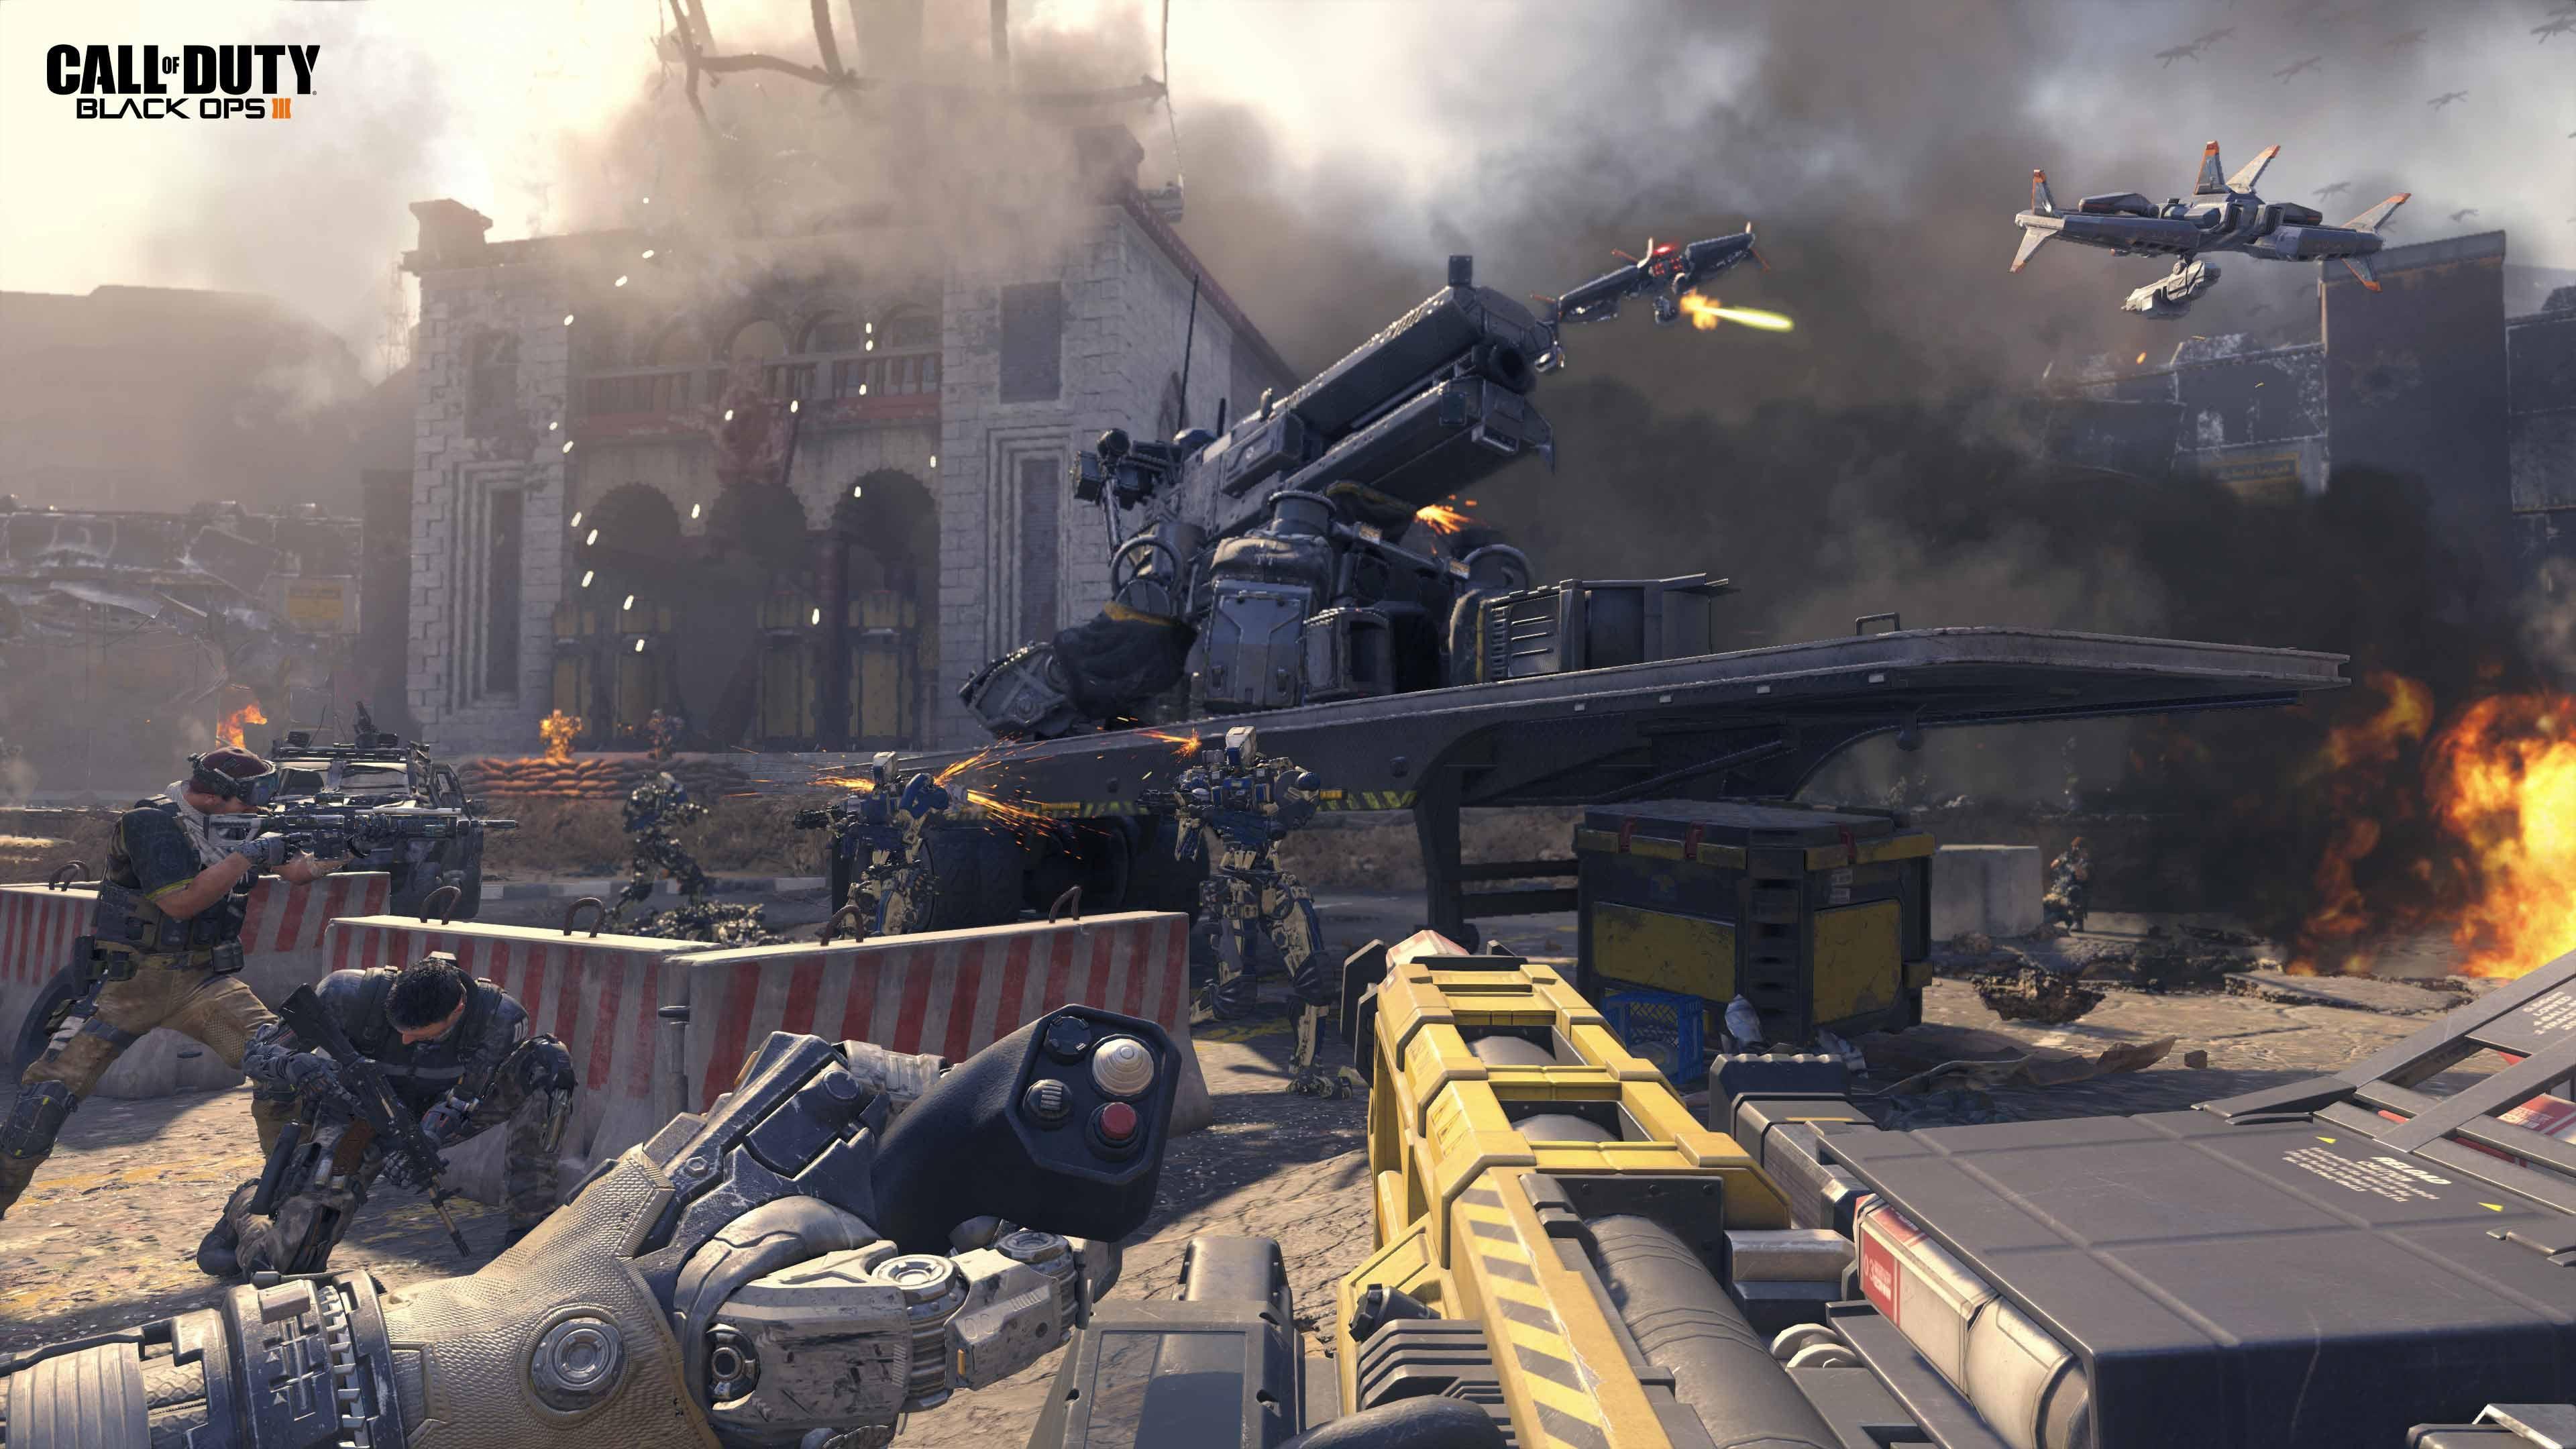 Street-Battle cod black ops III